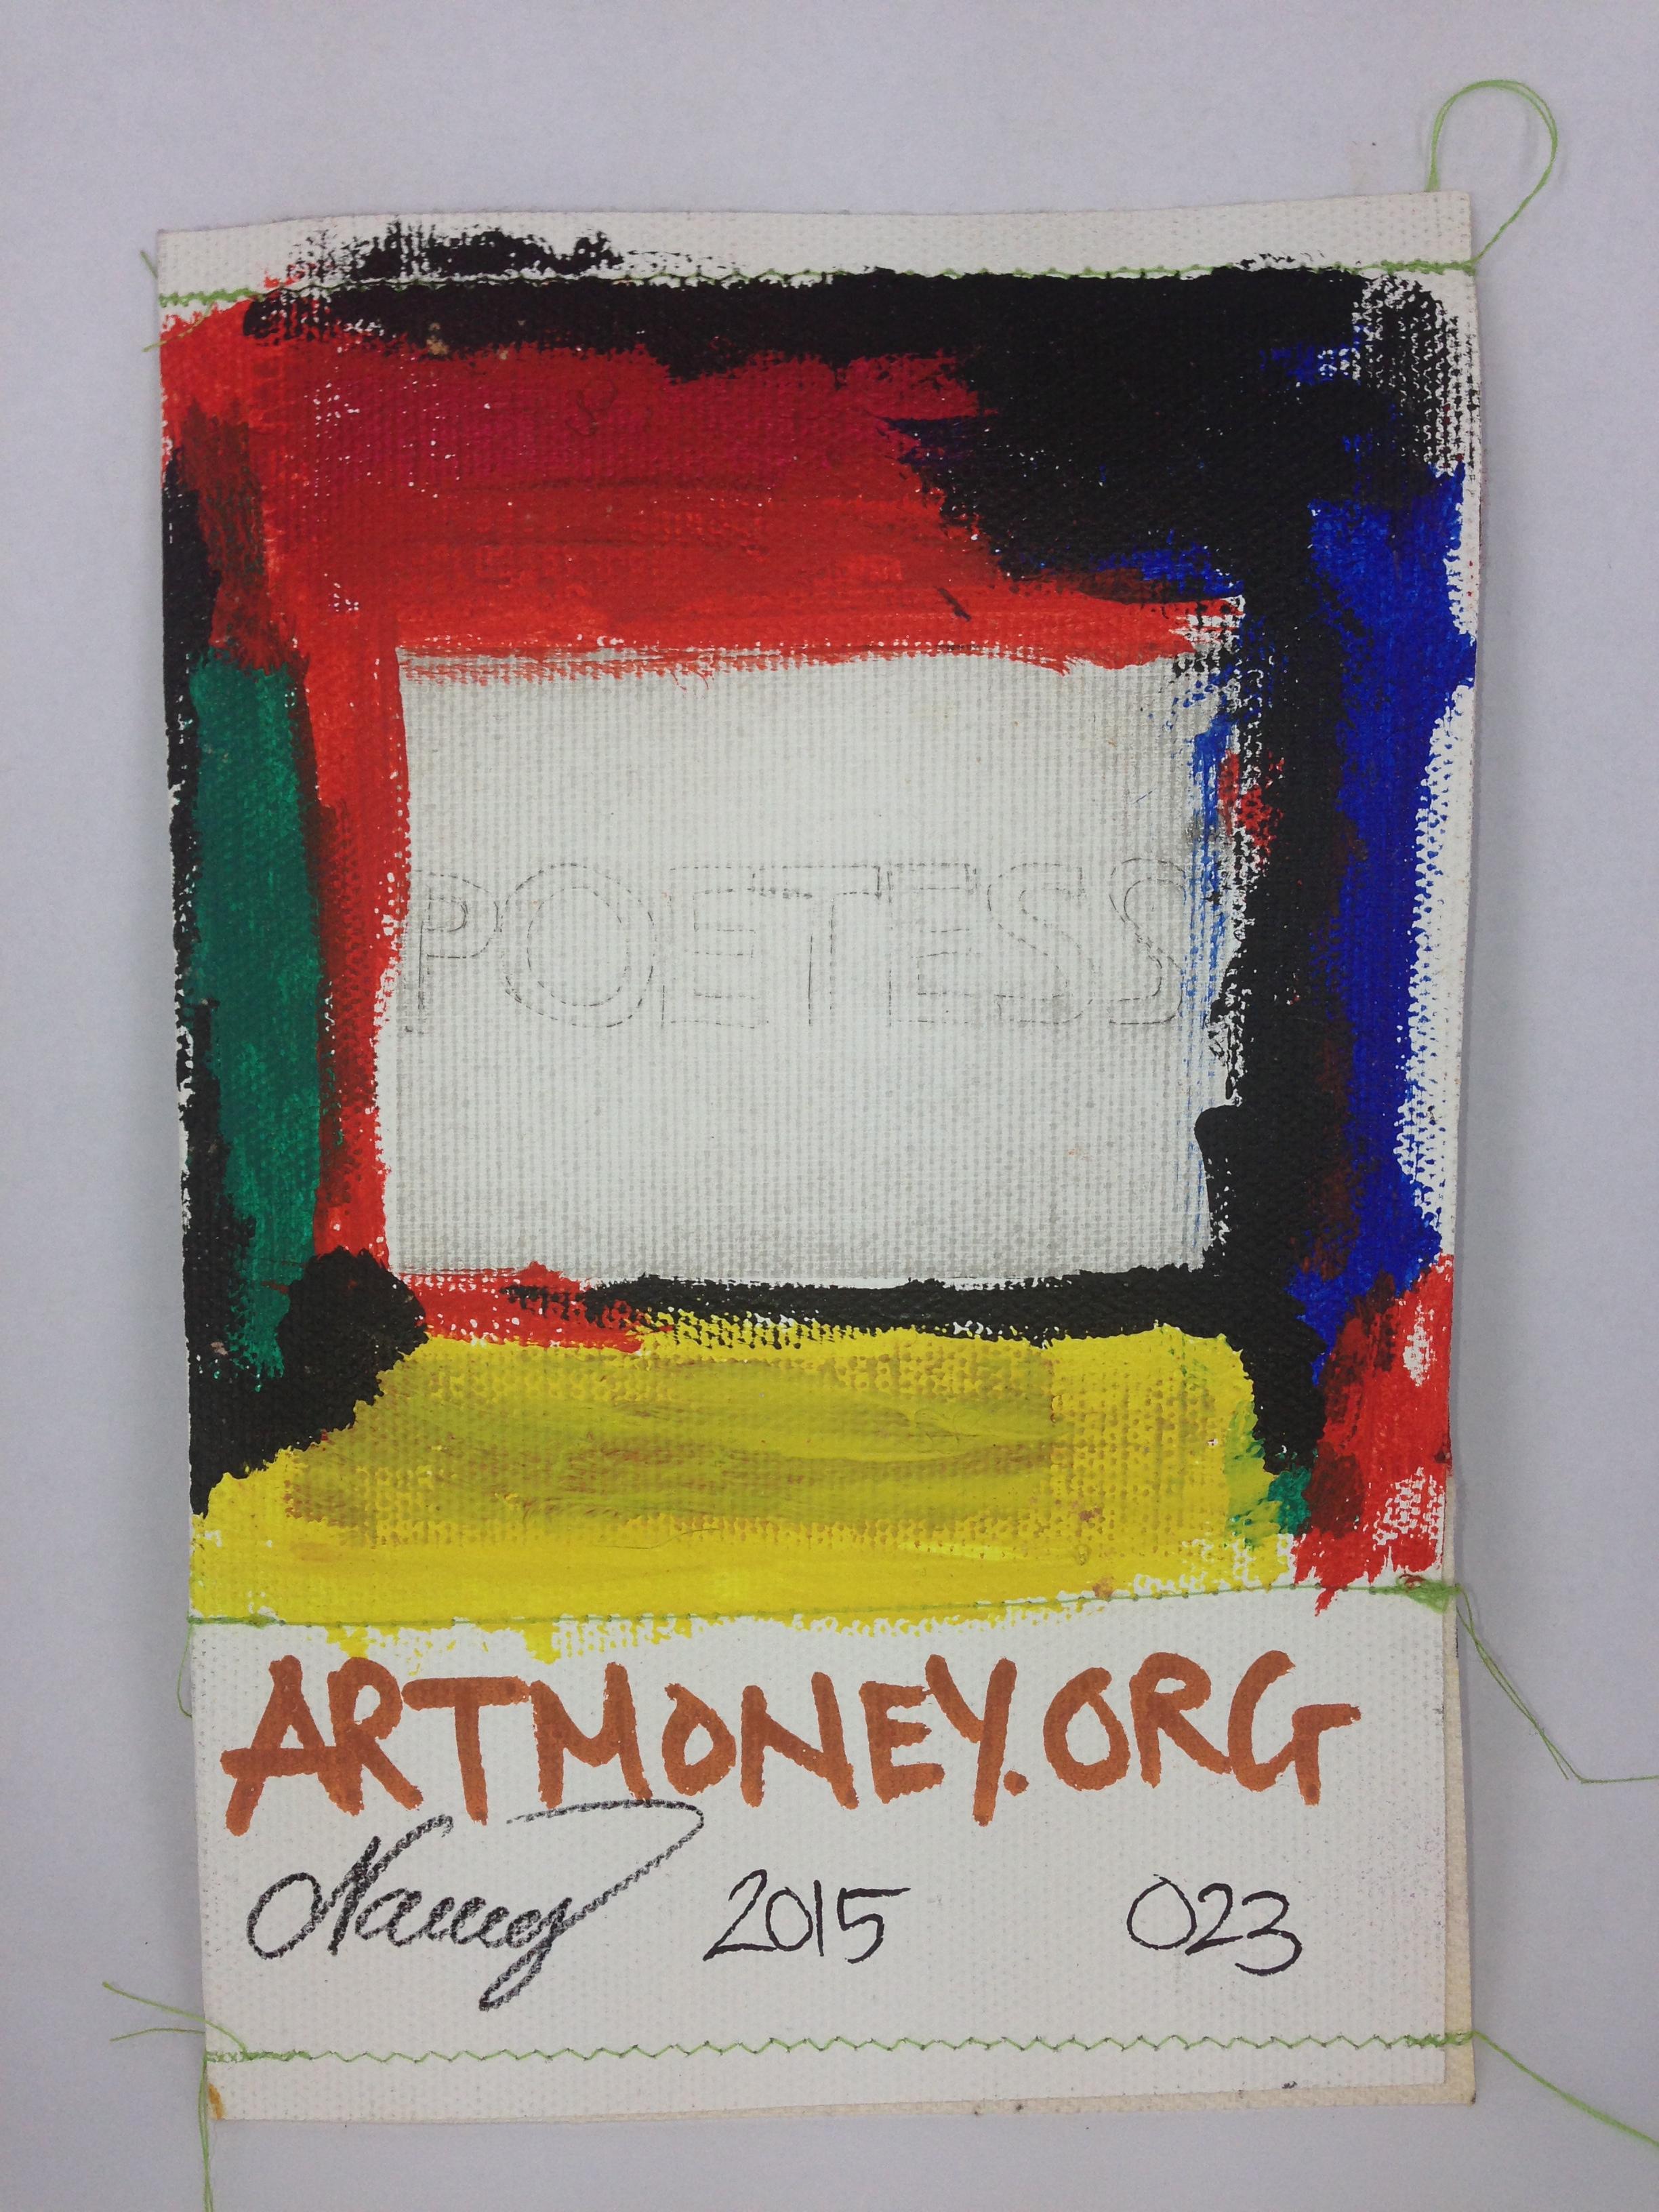 SpokenWord Poetry Artmoney | Artmoney